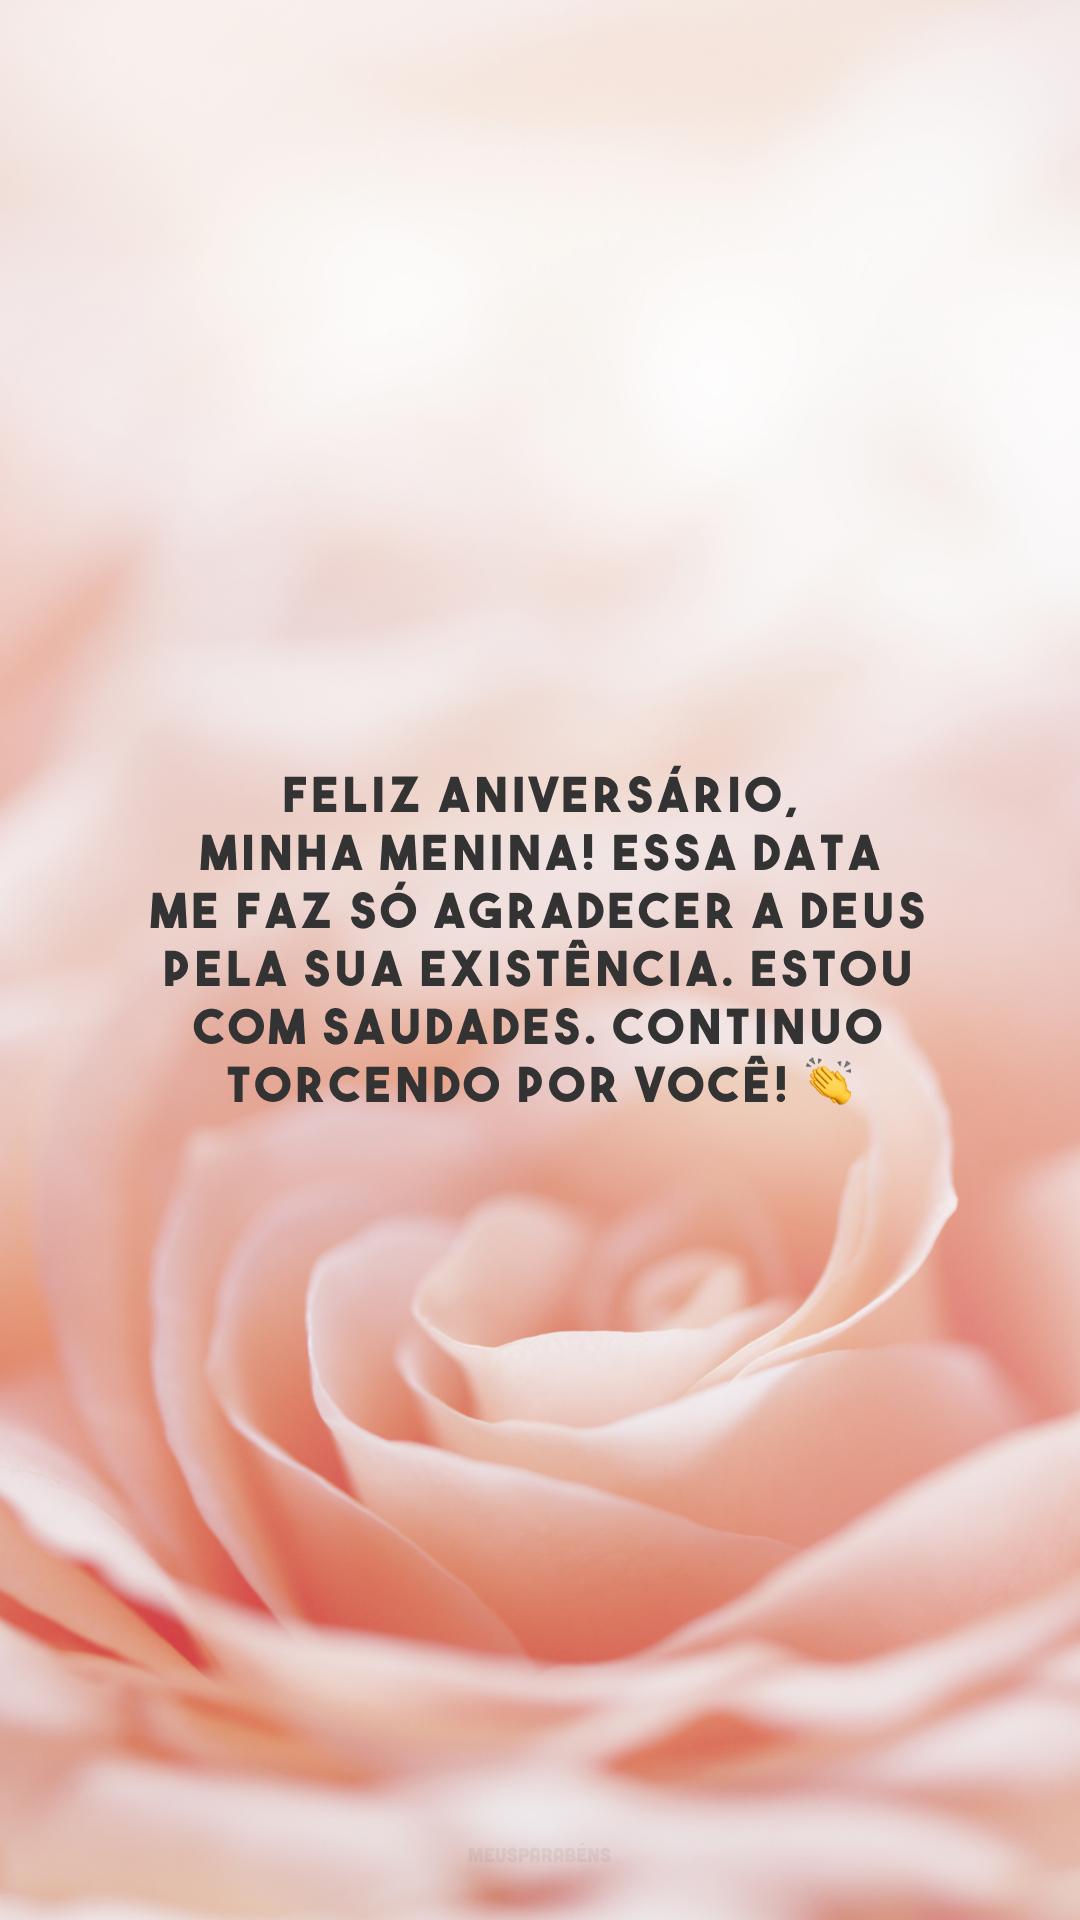 Feliz aniversário, minha menina! Essa data me faz só agradecer a Deus pela sua existência. Estou com saudades. Continuo torcendo por você! 👏